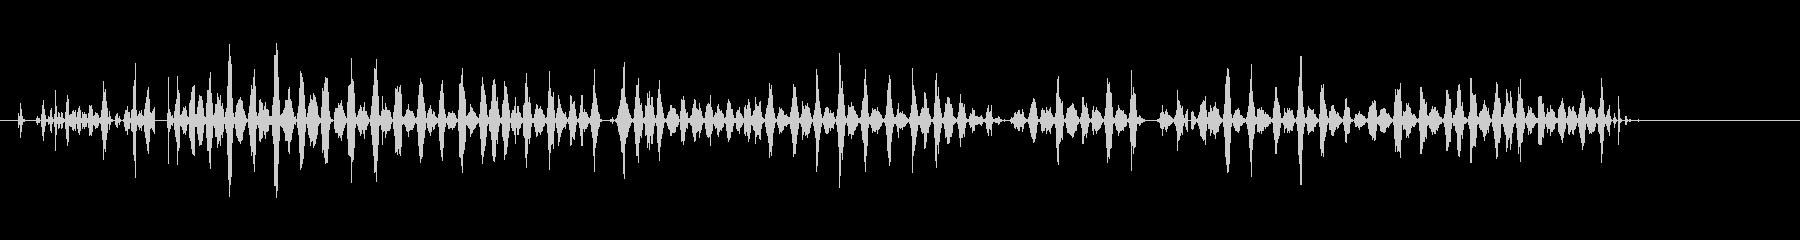 ジグソー、ツール; DIGIFFE...の未再生の波形